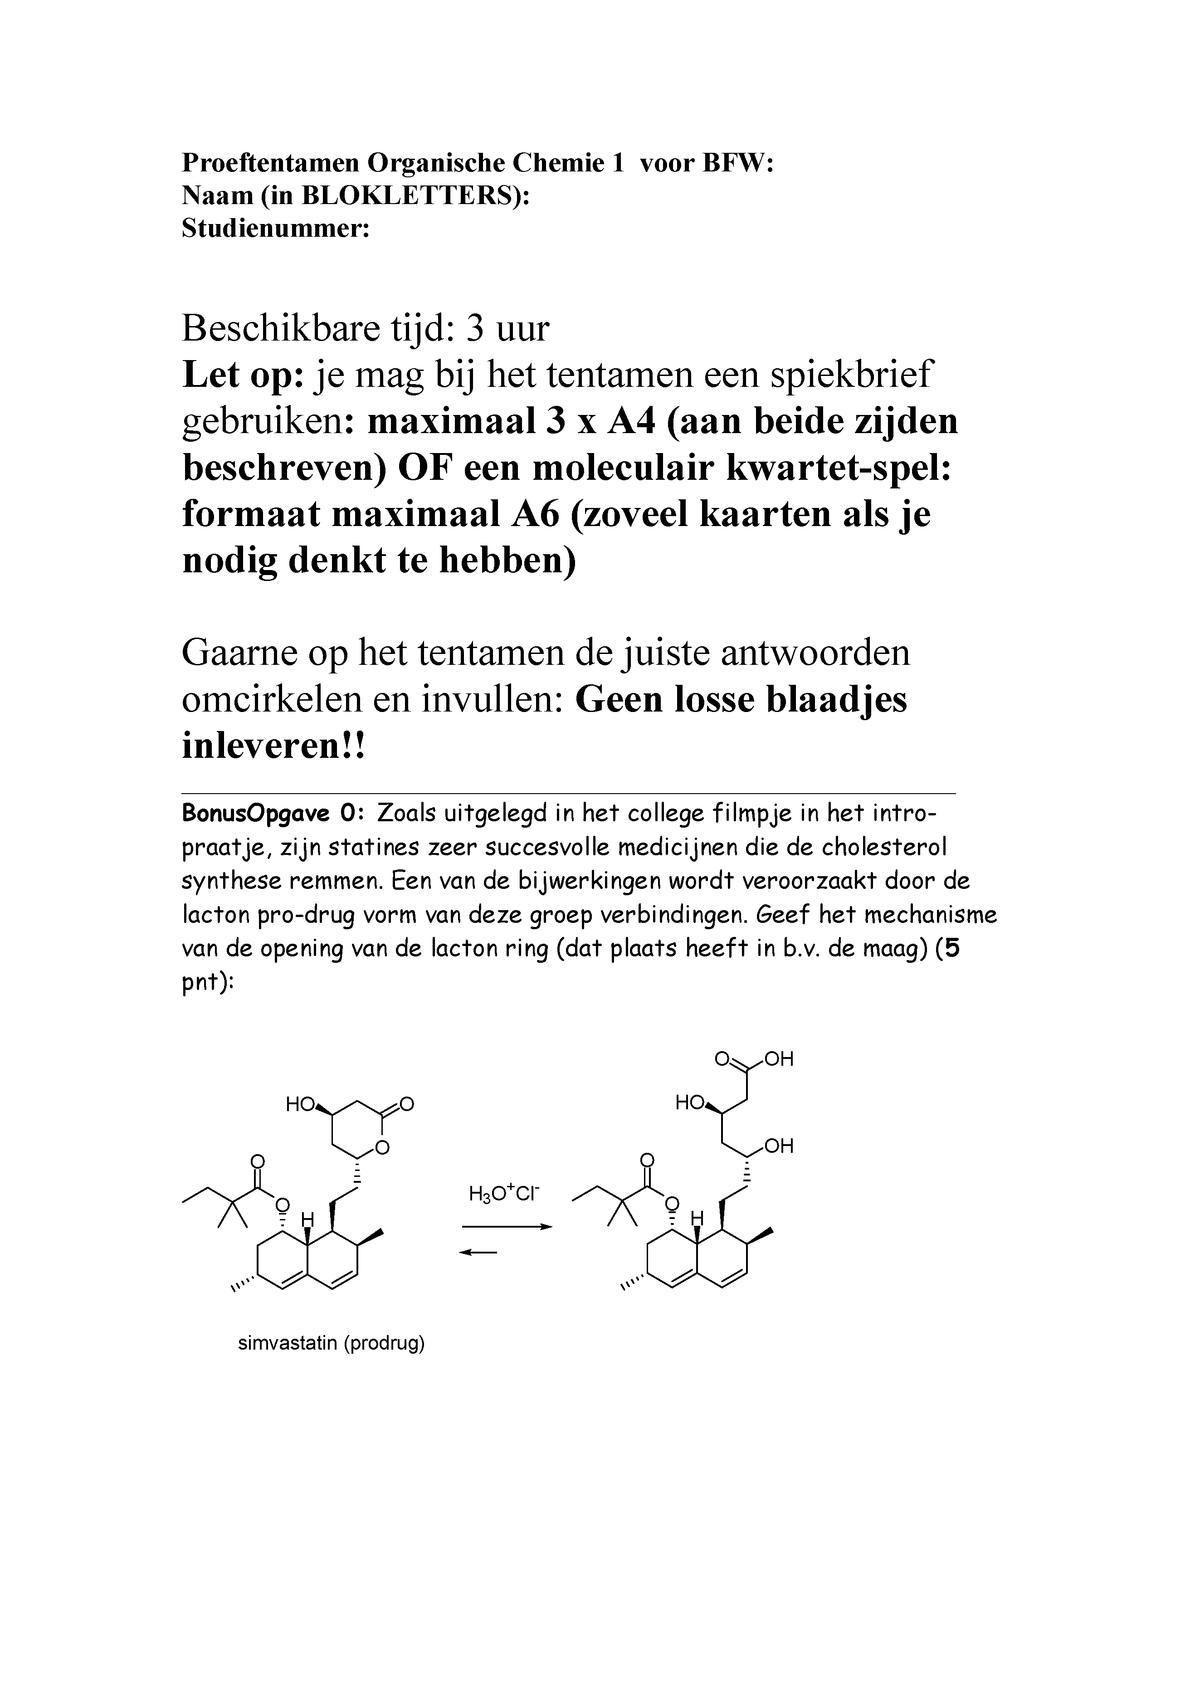 Organische Chemie I Proeftentamen Bfw2017 Lb1044 Studeersnel